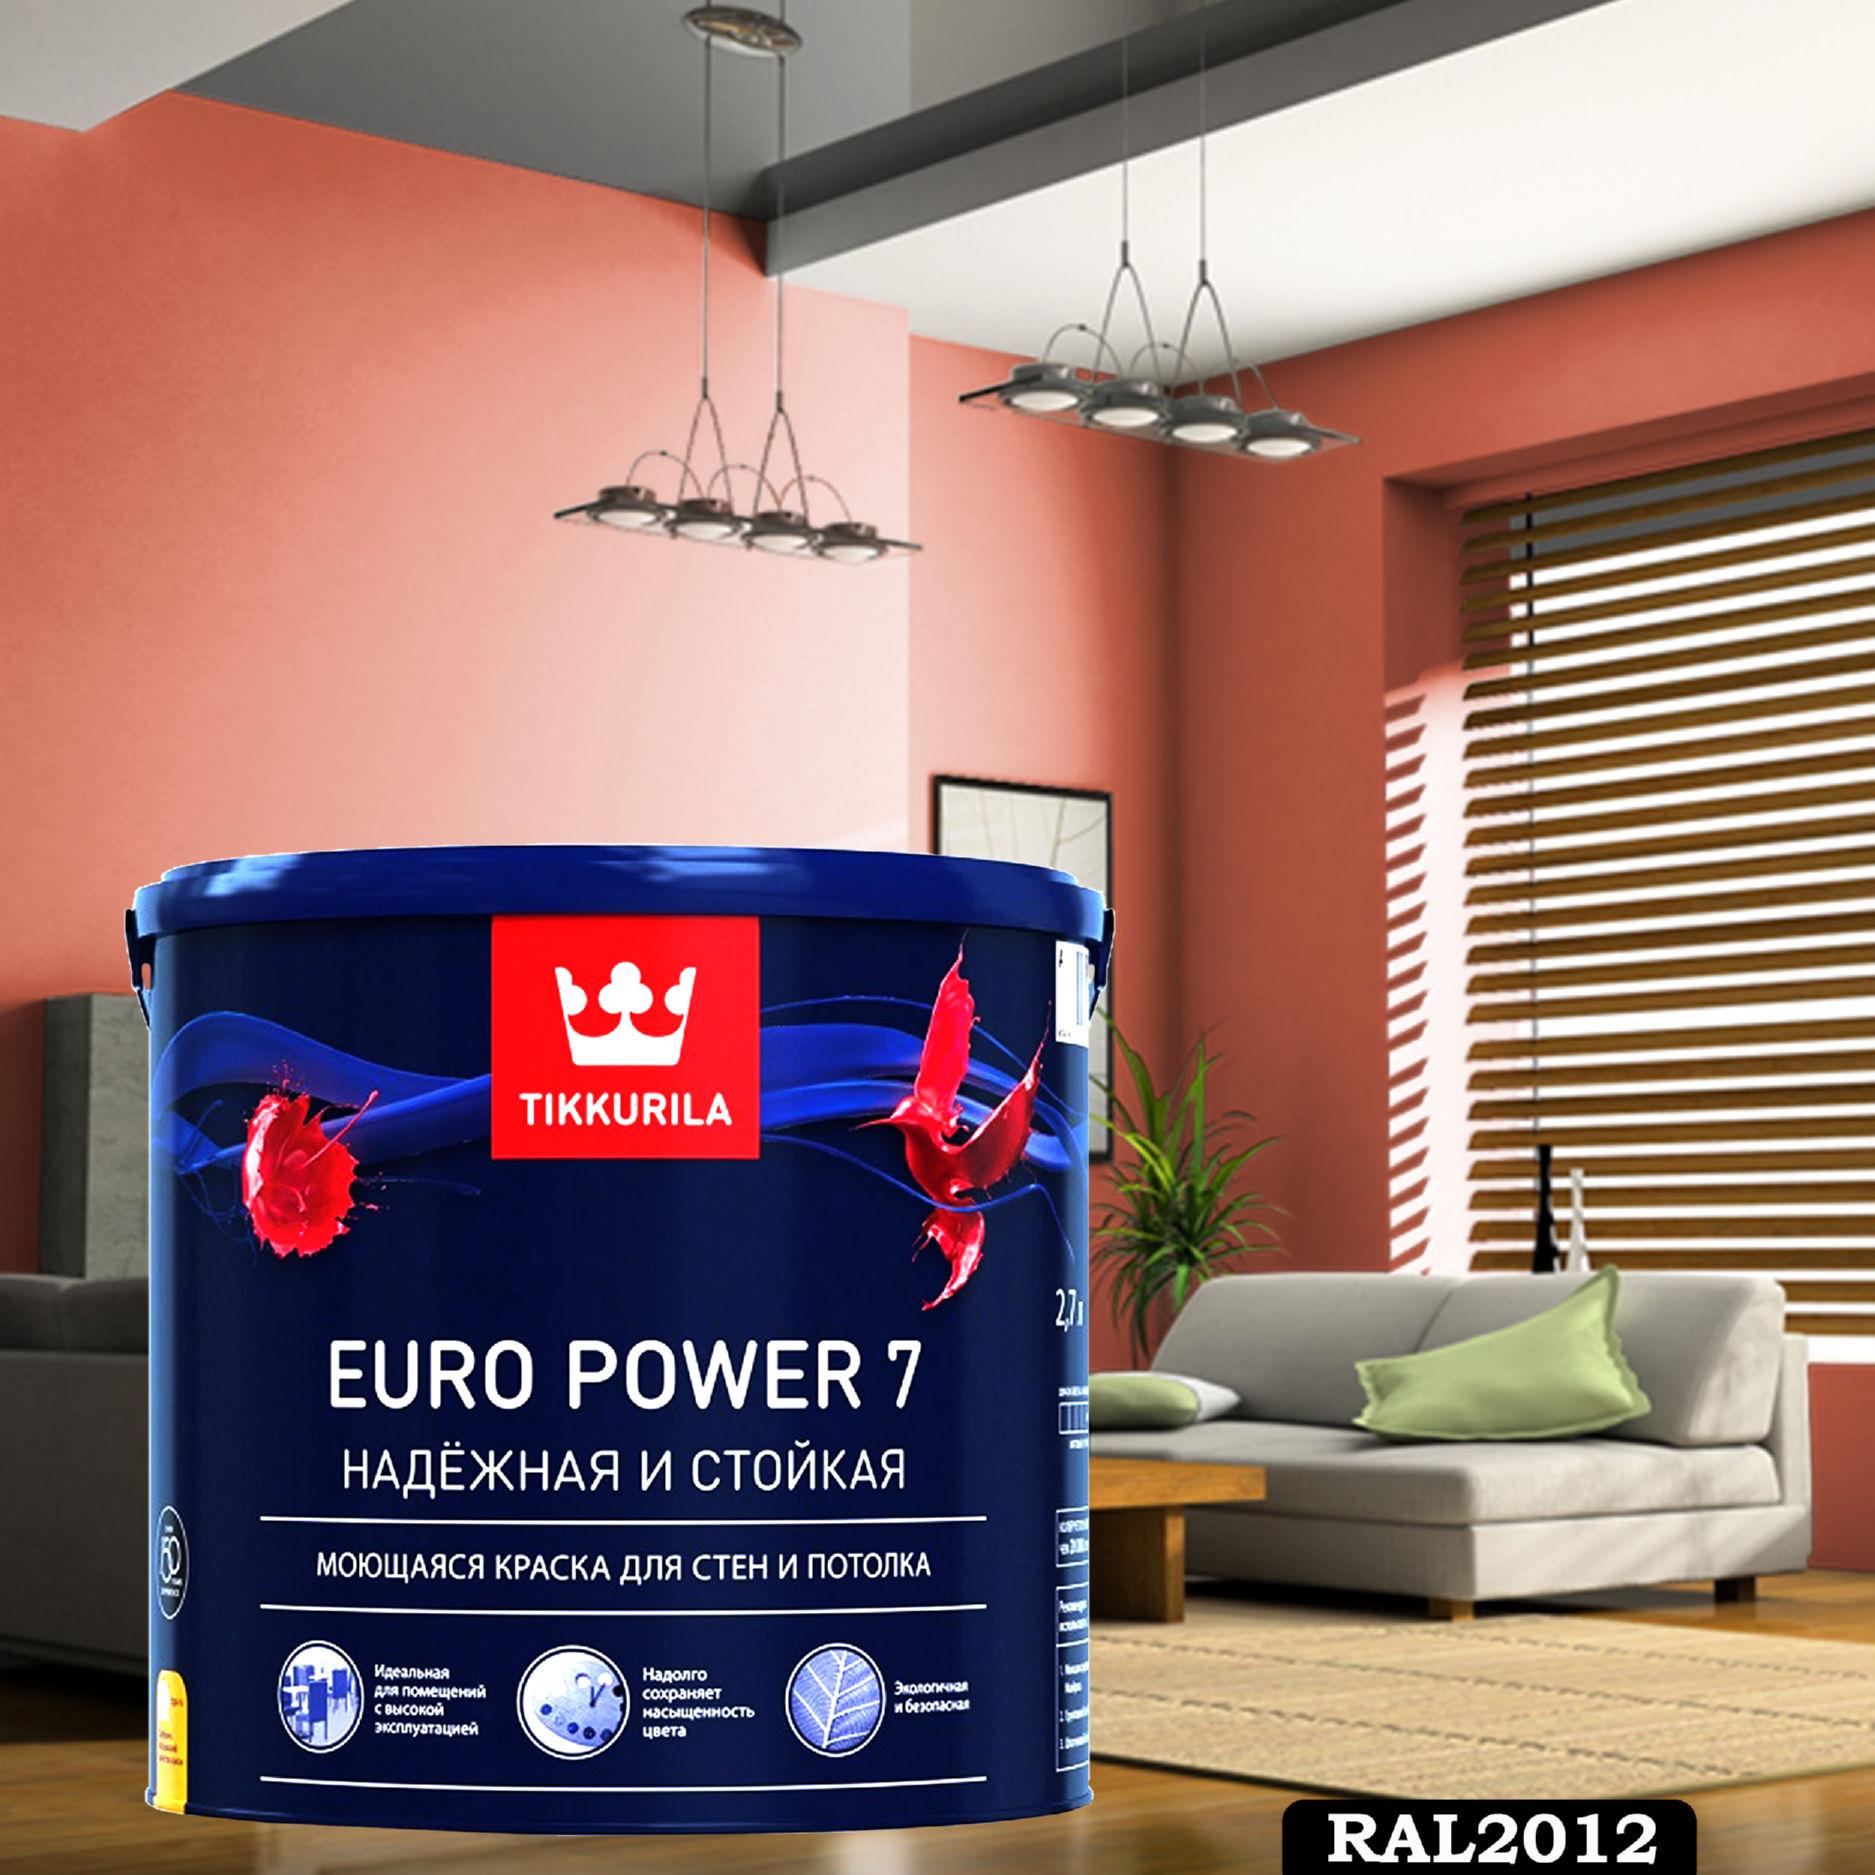 Фото 10 - Краска TIKKURILA Euro Power 7,  RAL 2012 Лососёво-оранжевый, латексная моющаяся матовая интерьерная, 9 л.